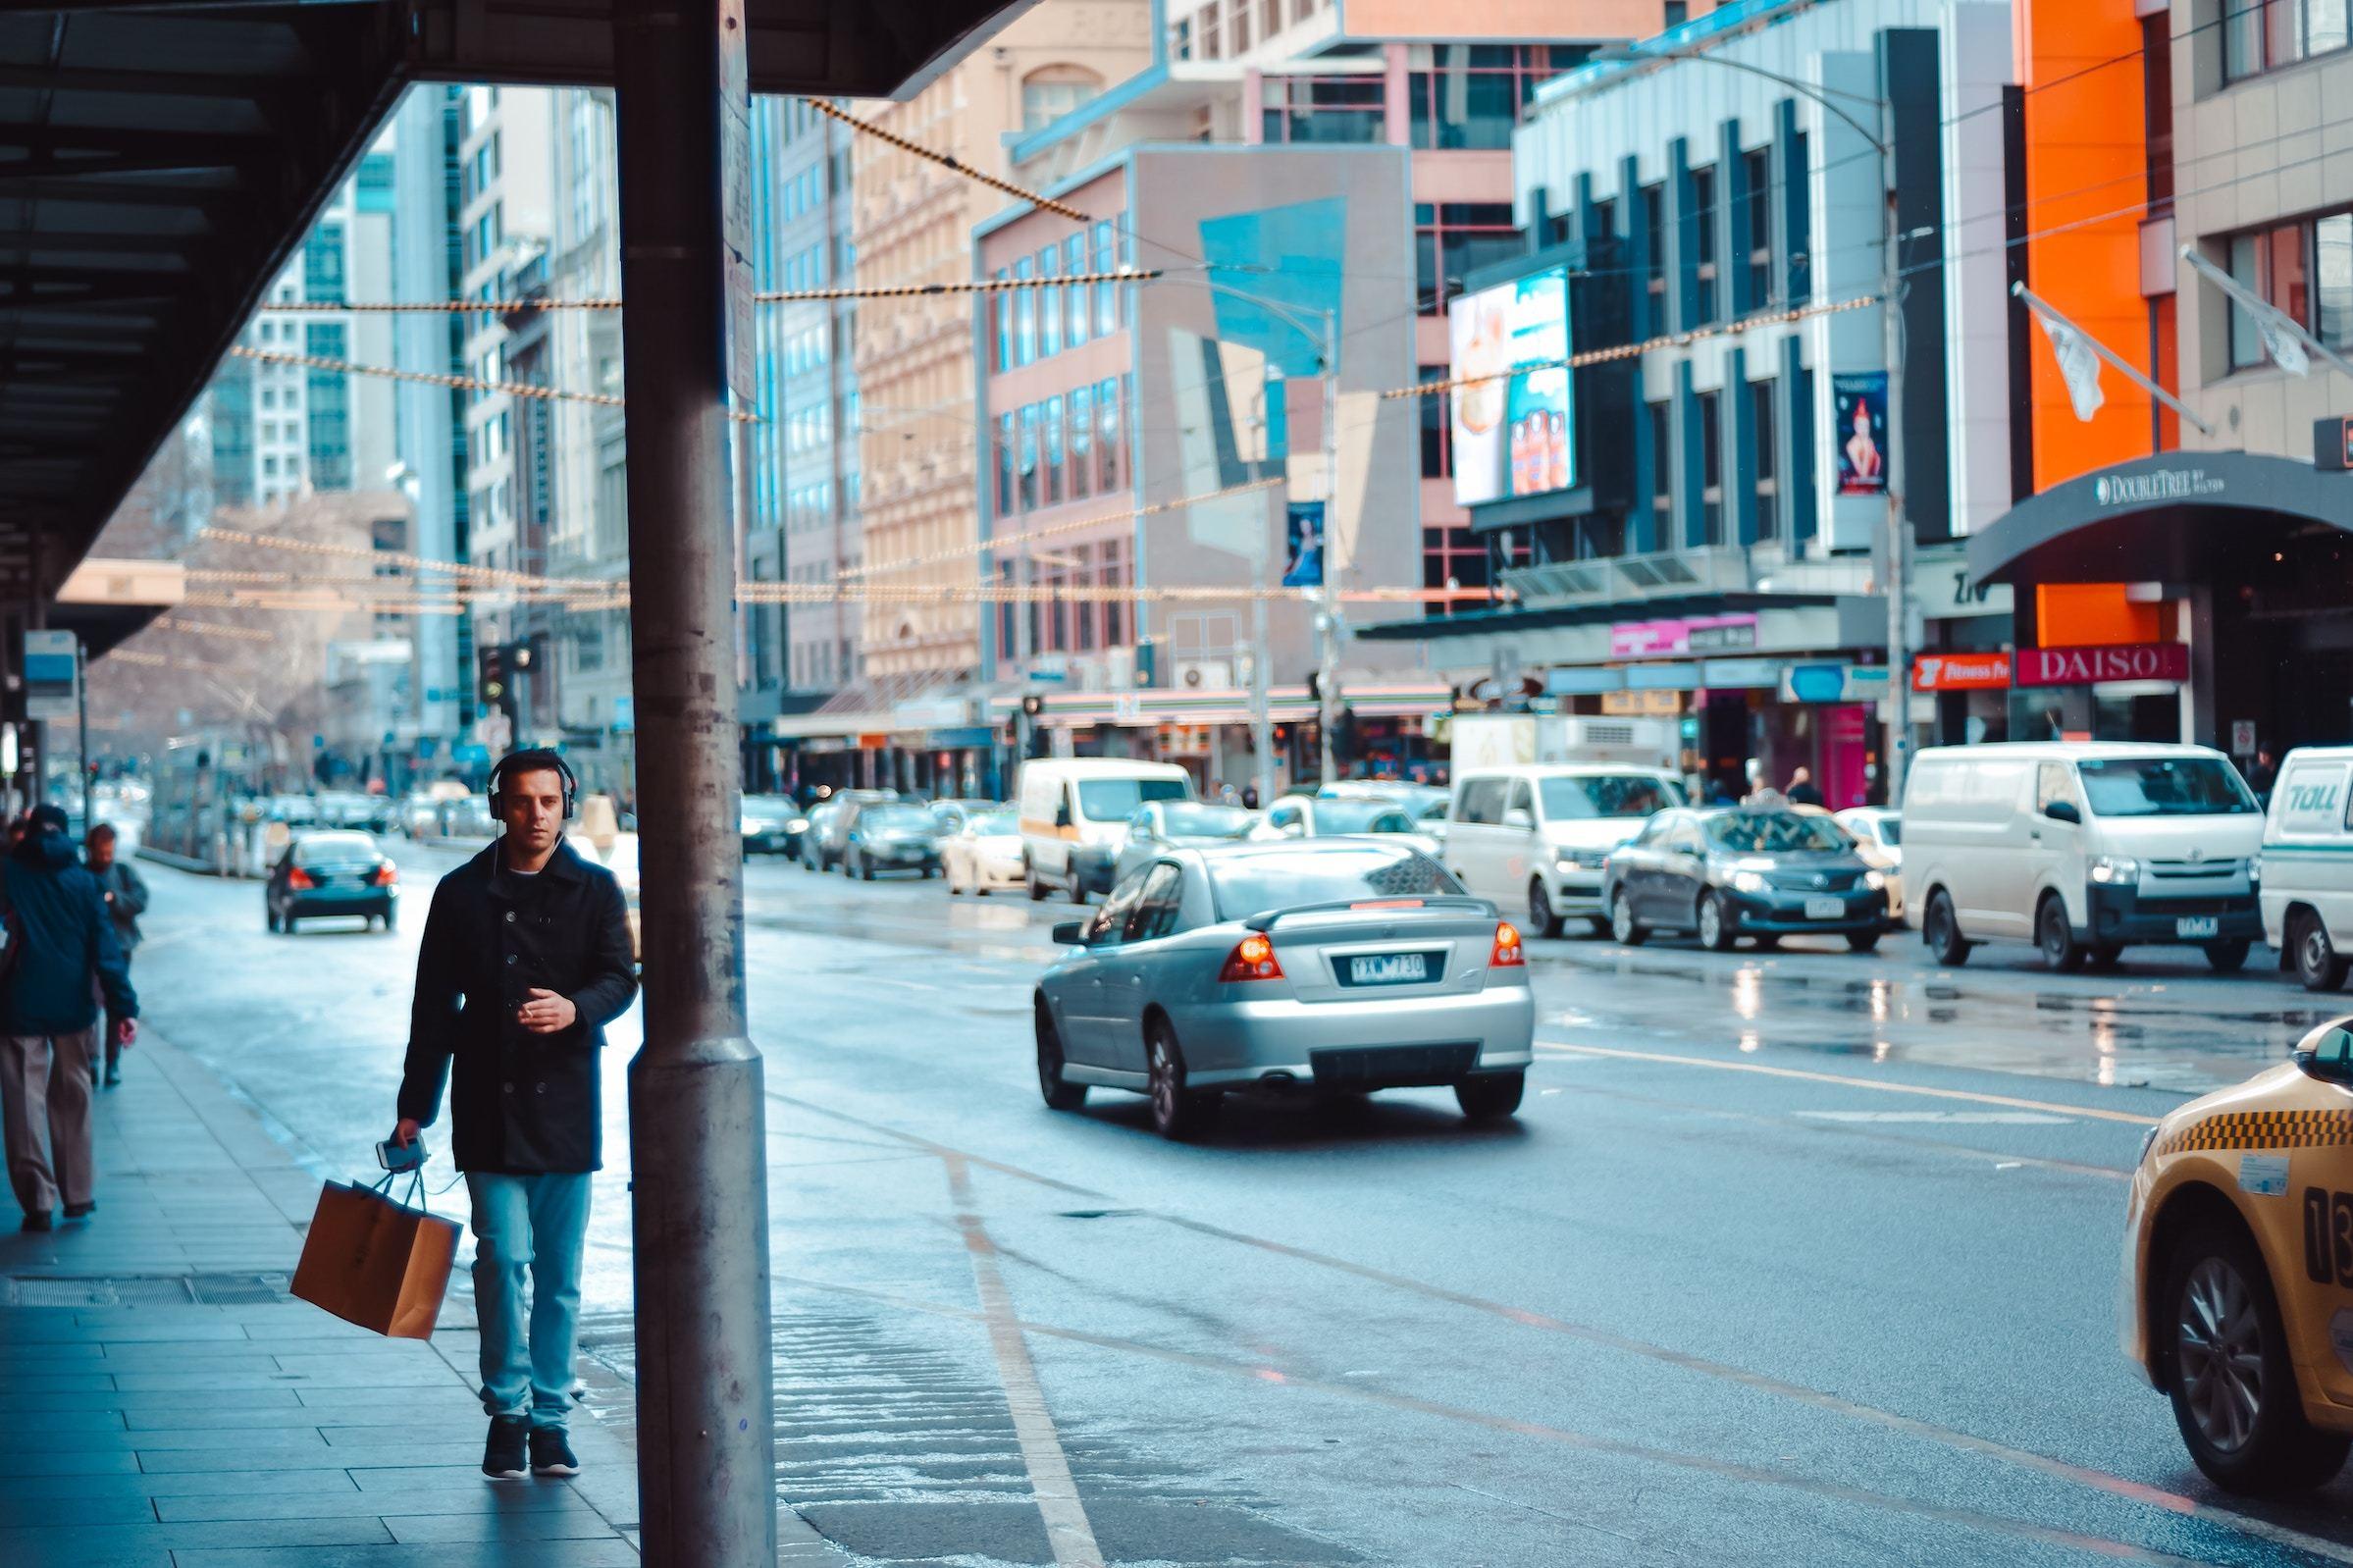 Man walking along street with shopping bag